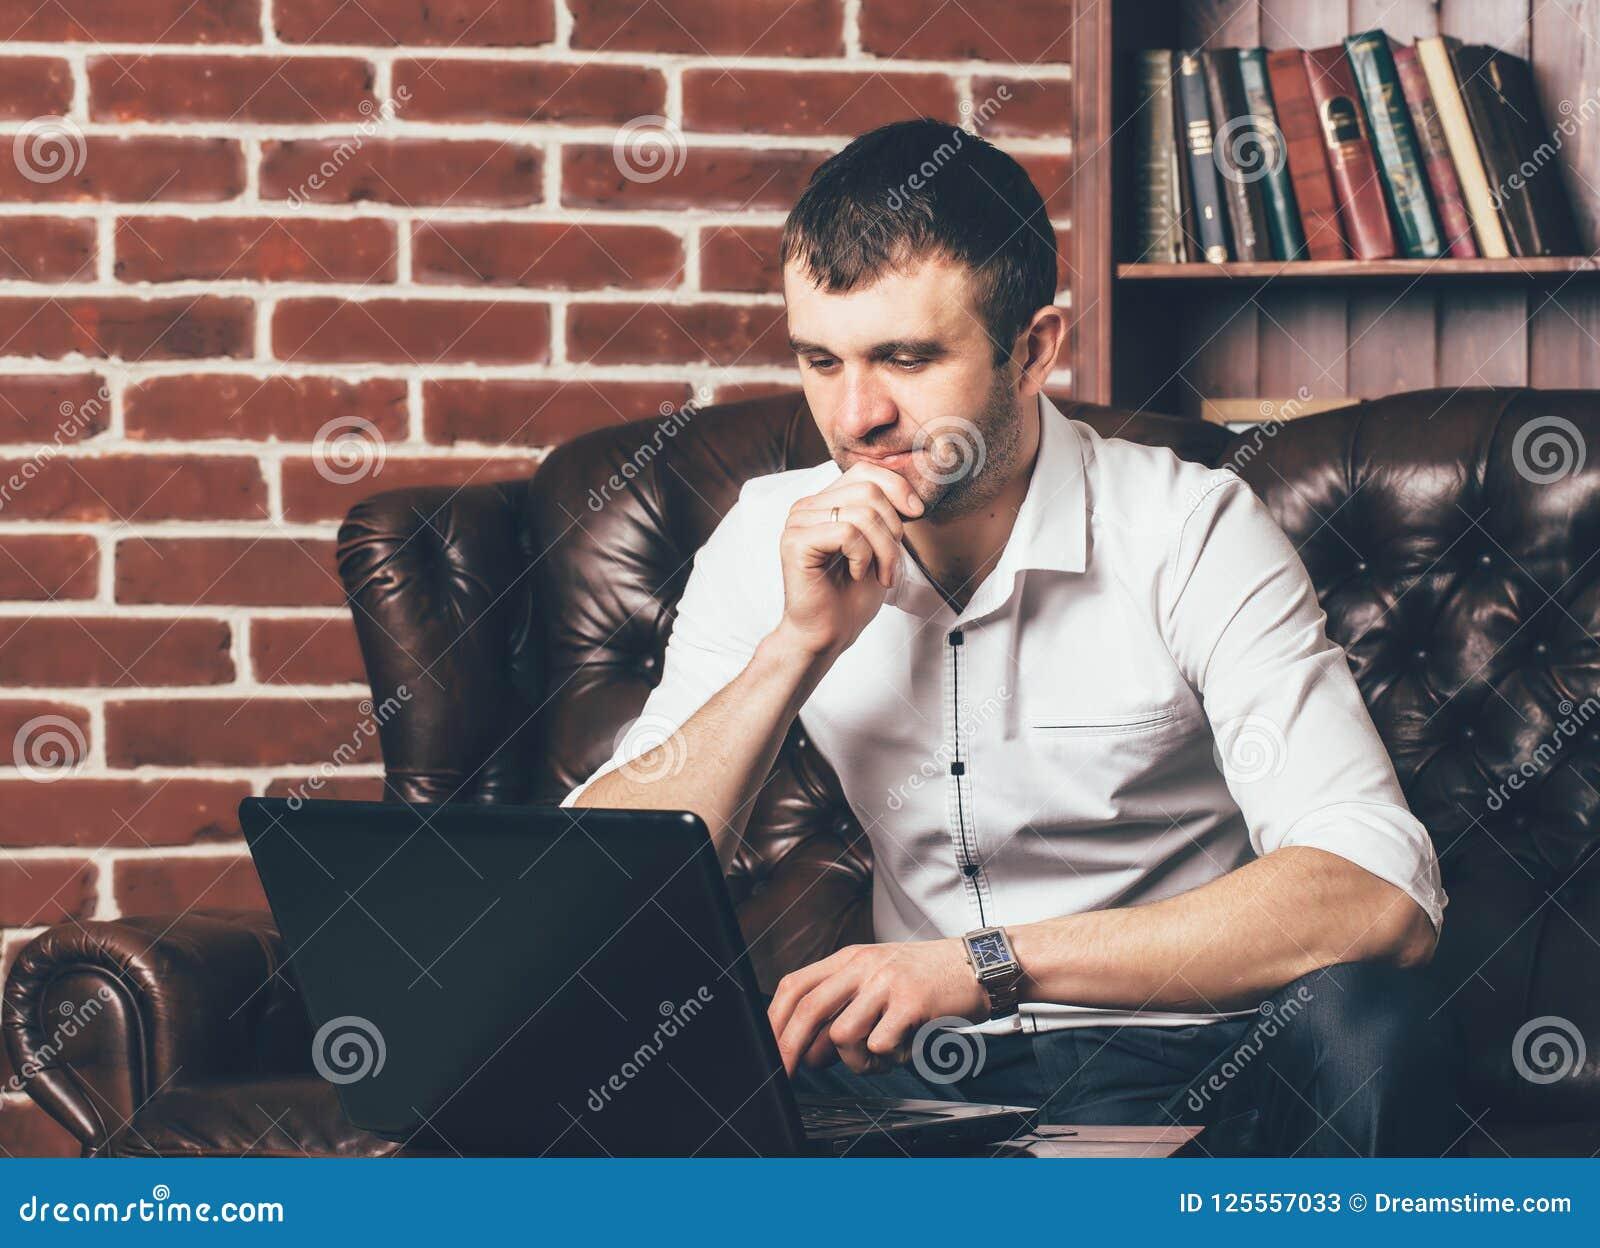 Un homme d affaires travaille sur l ordinateur portable dans le bureau Il s assied à la table sur le fond d un mur décoratif sous